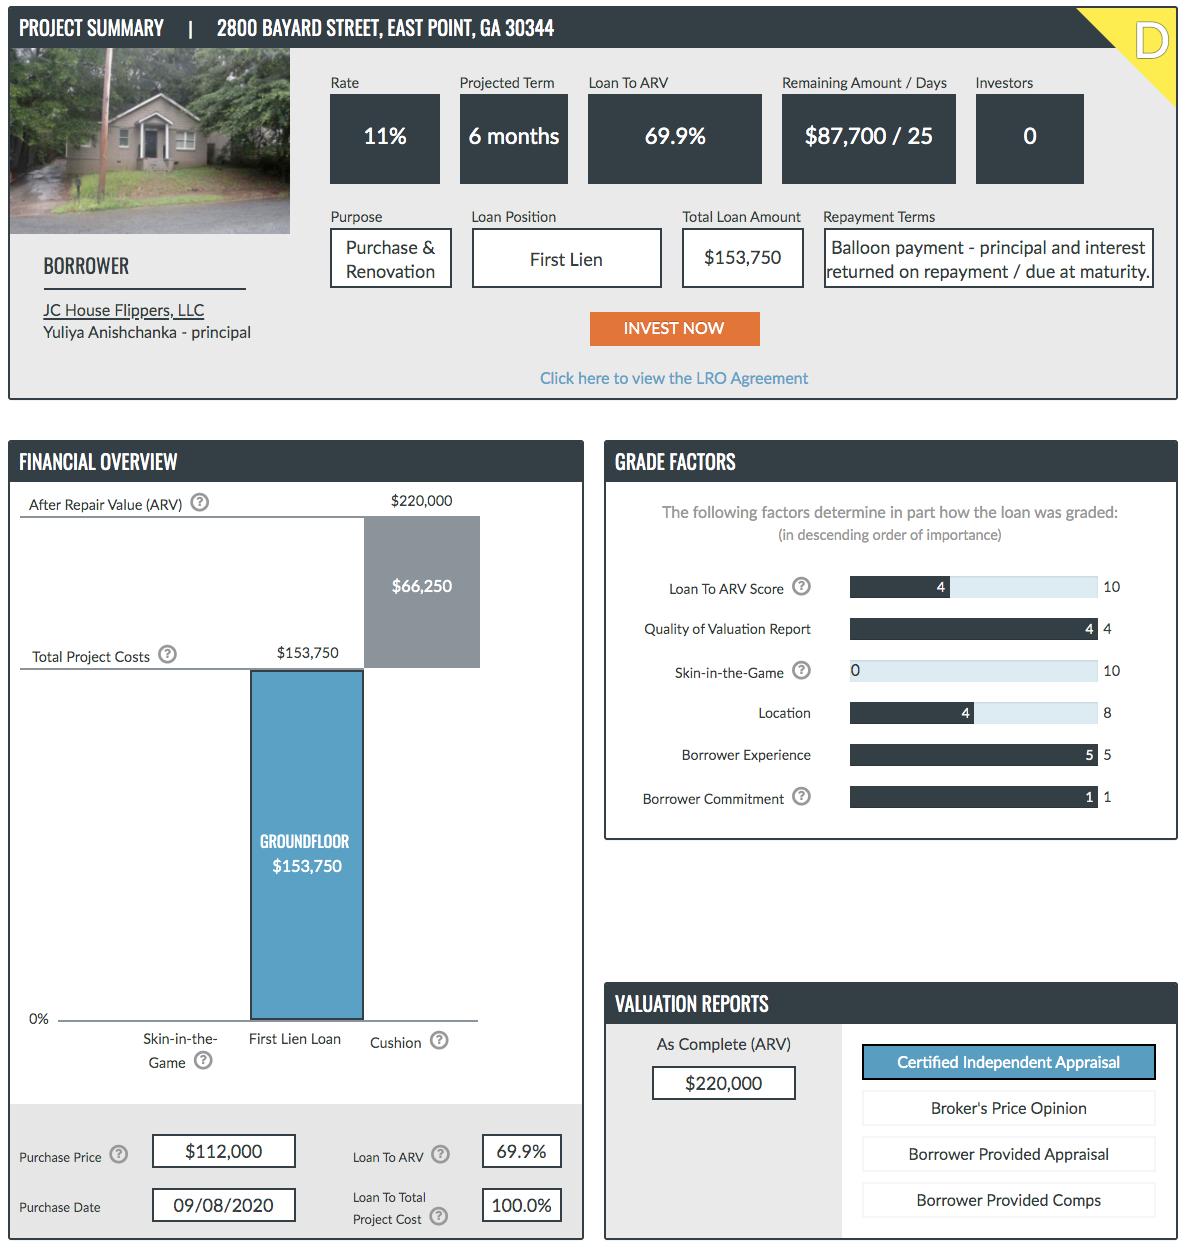 2800 Bayard St Loan Detail Page